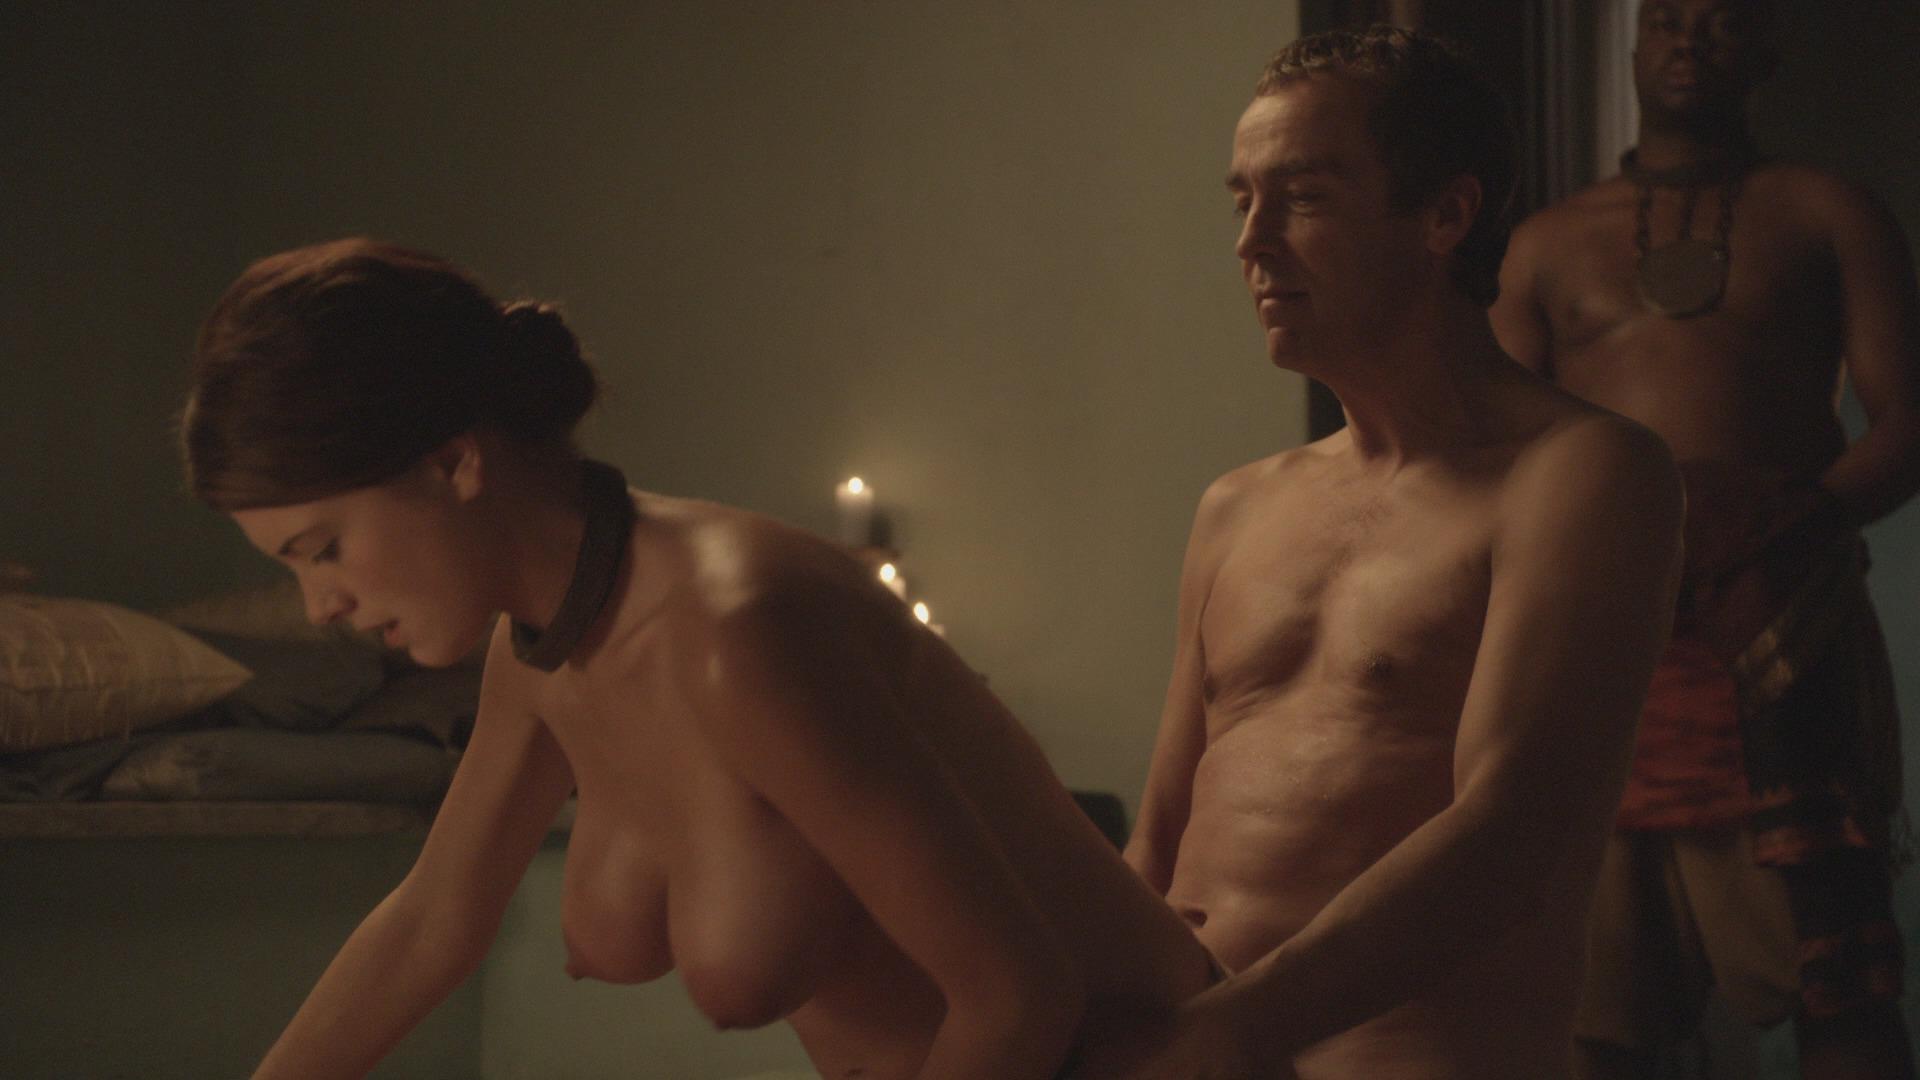 Съемка эротических сцен онлайн 7 фотография